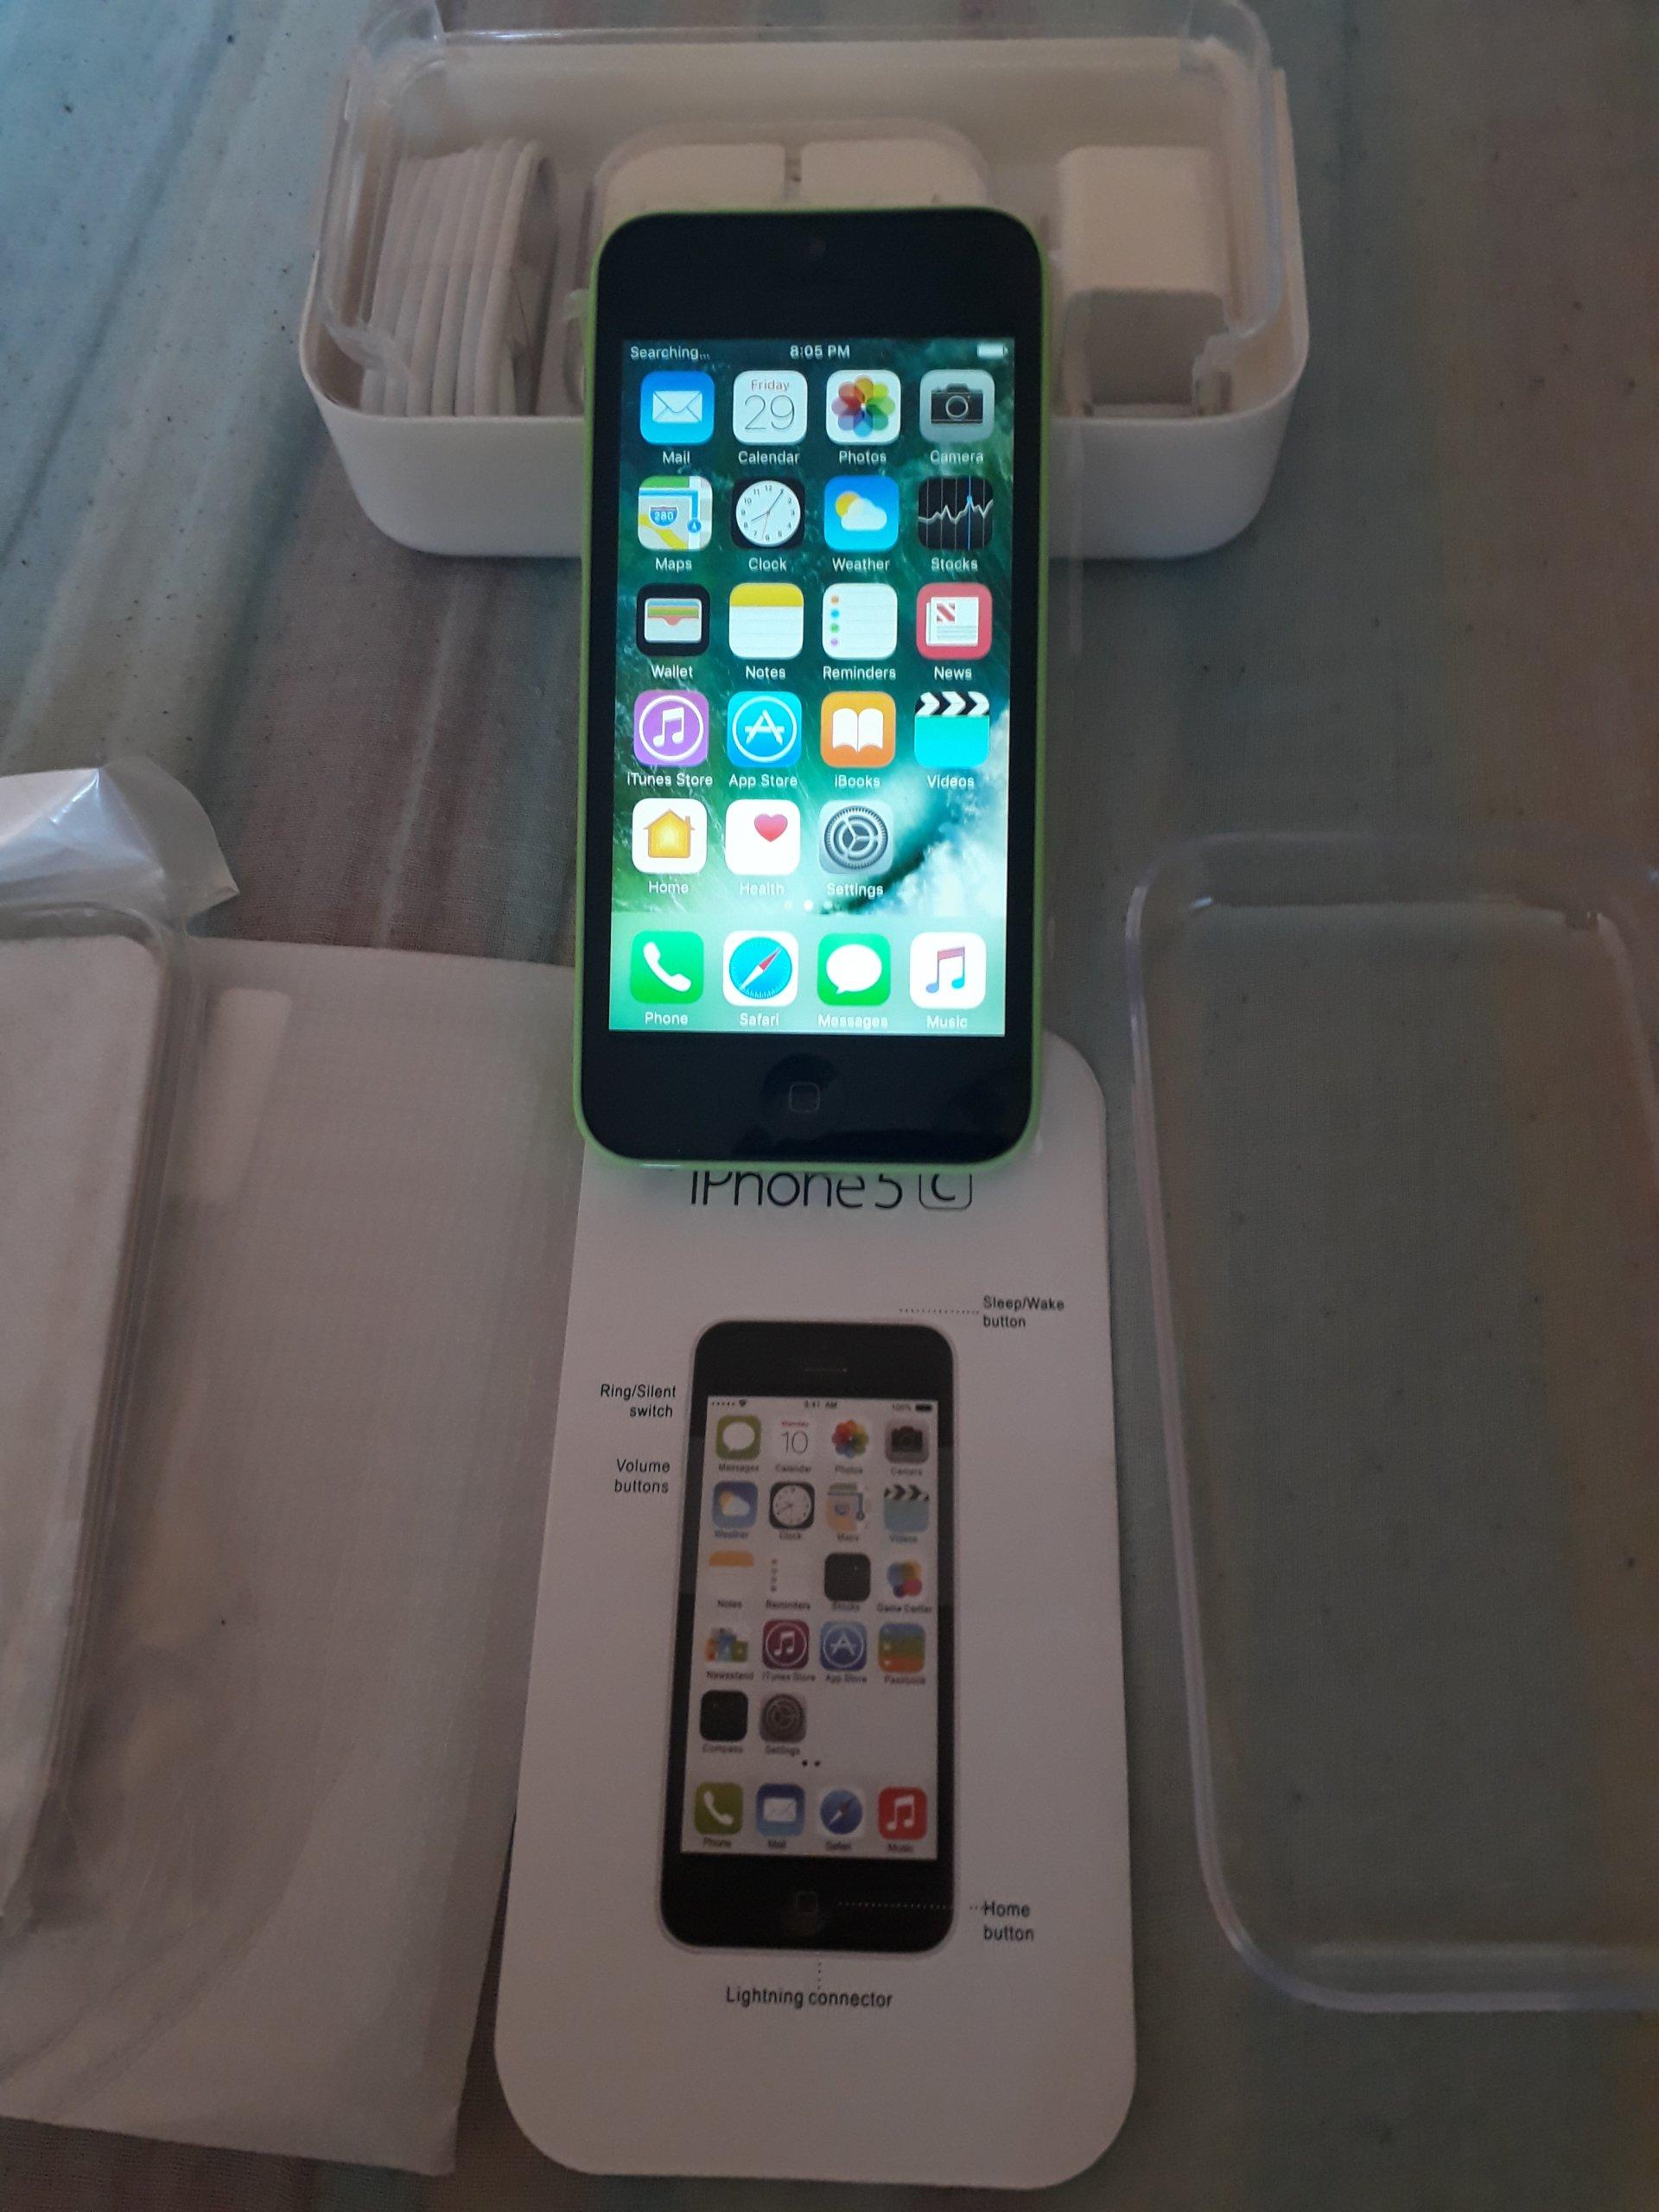 Odnowiony Iphone 5c 8gb Wyglda Jak Nowy Wada 7135365170